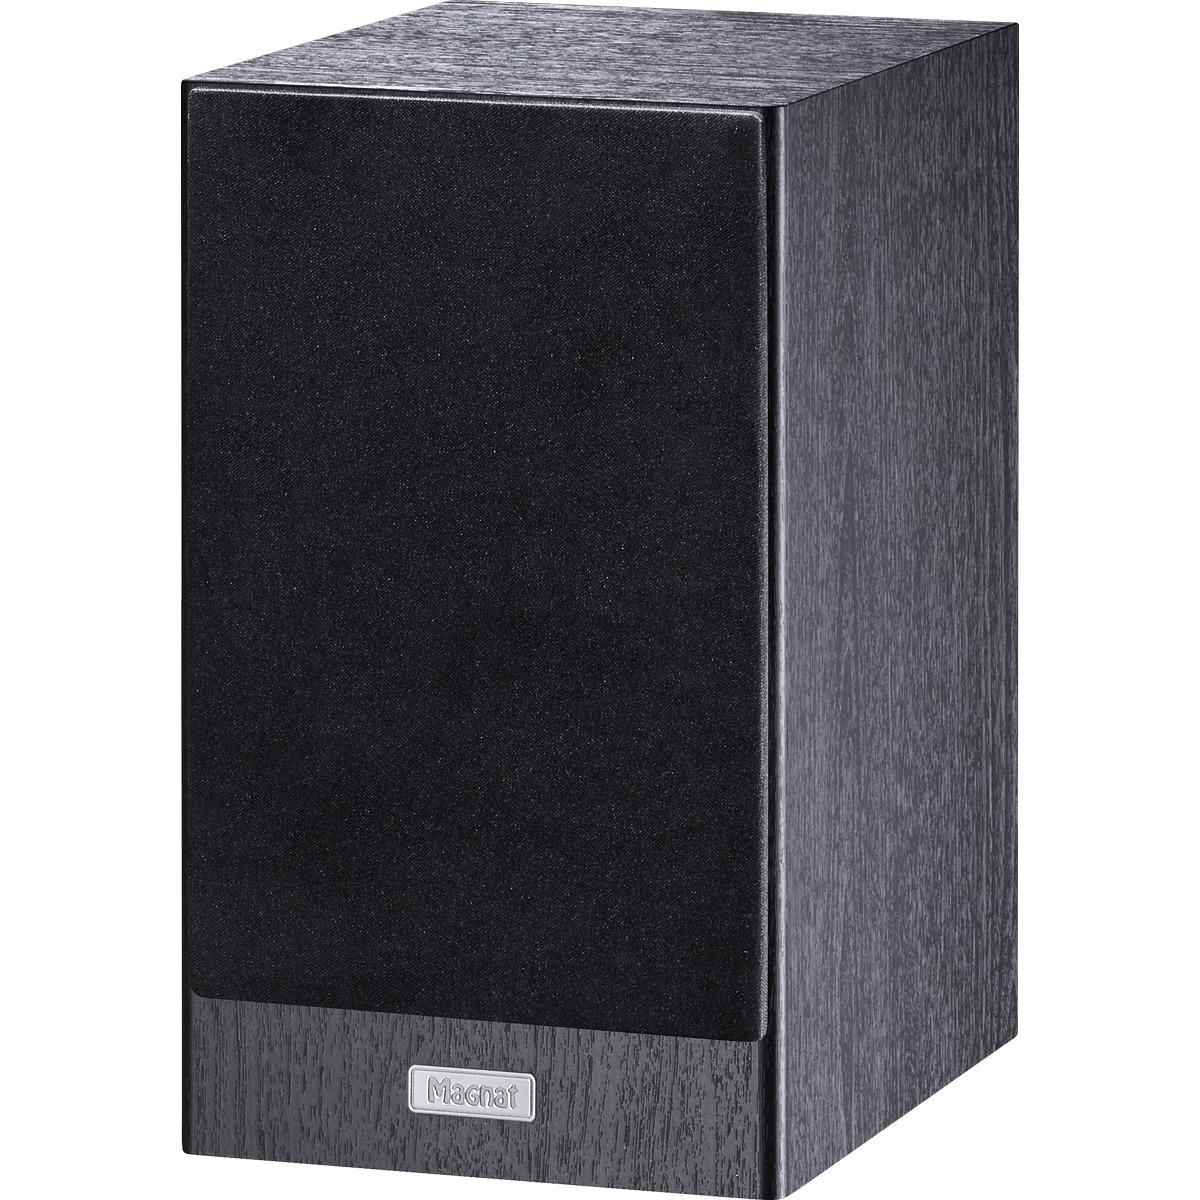 HiFiHQ Book Shelf speakers Magnat Tempus 33 -